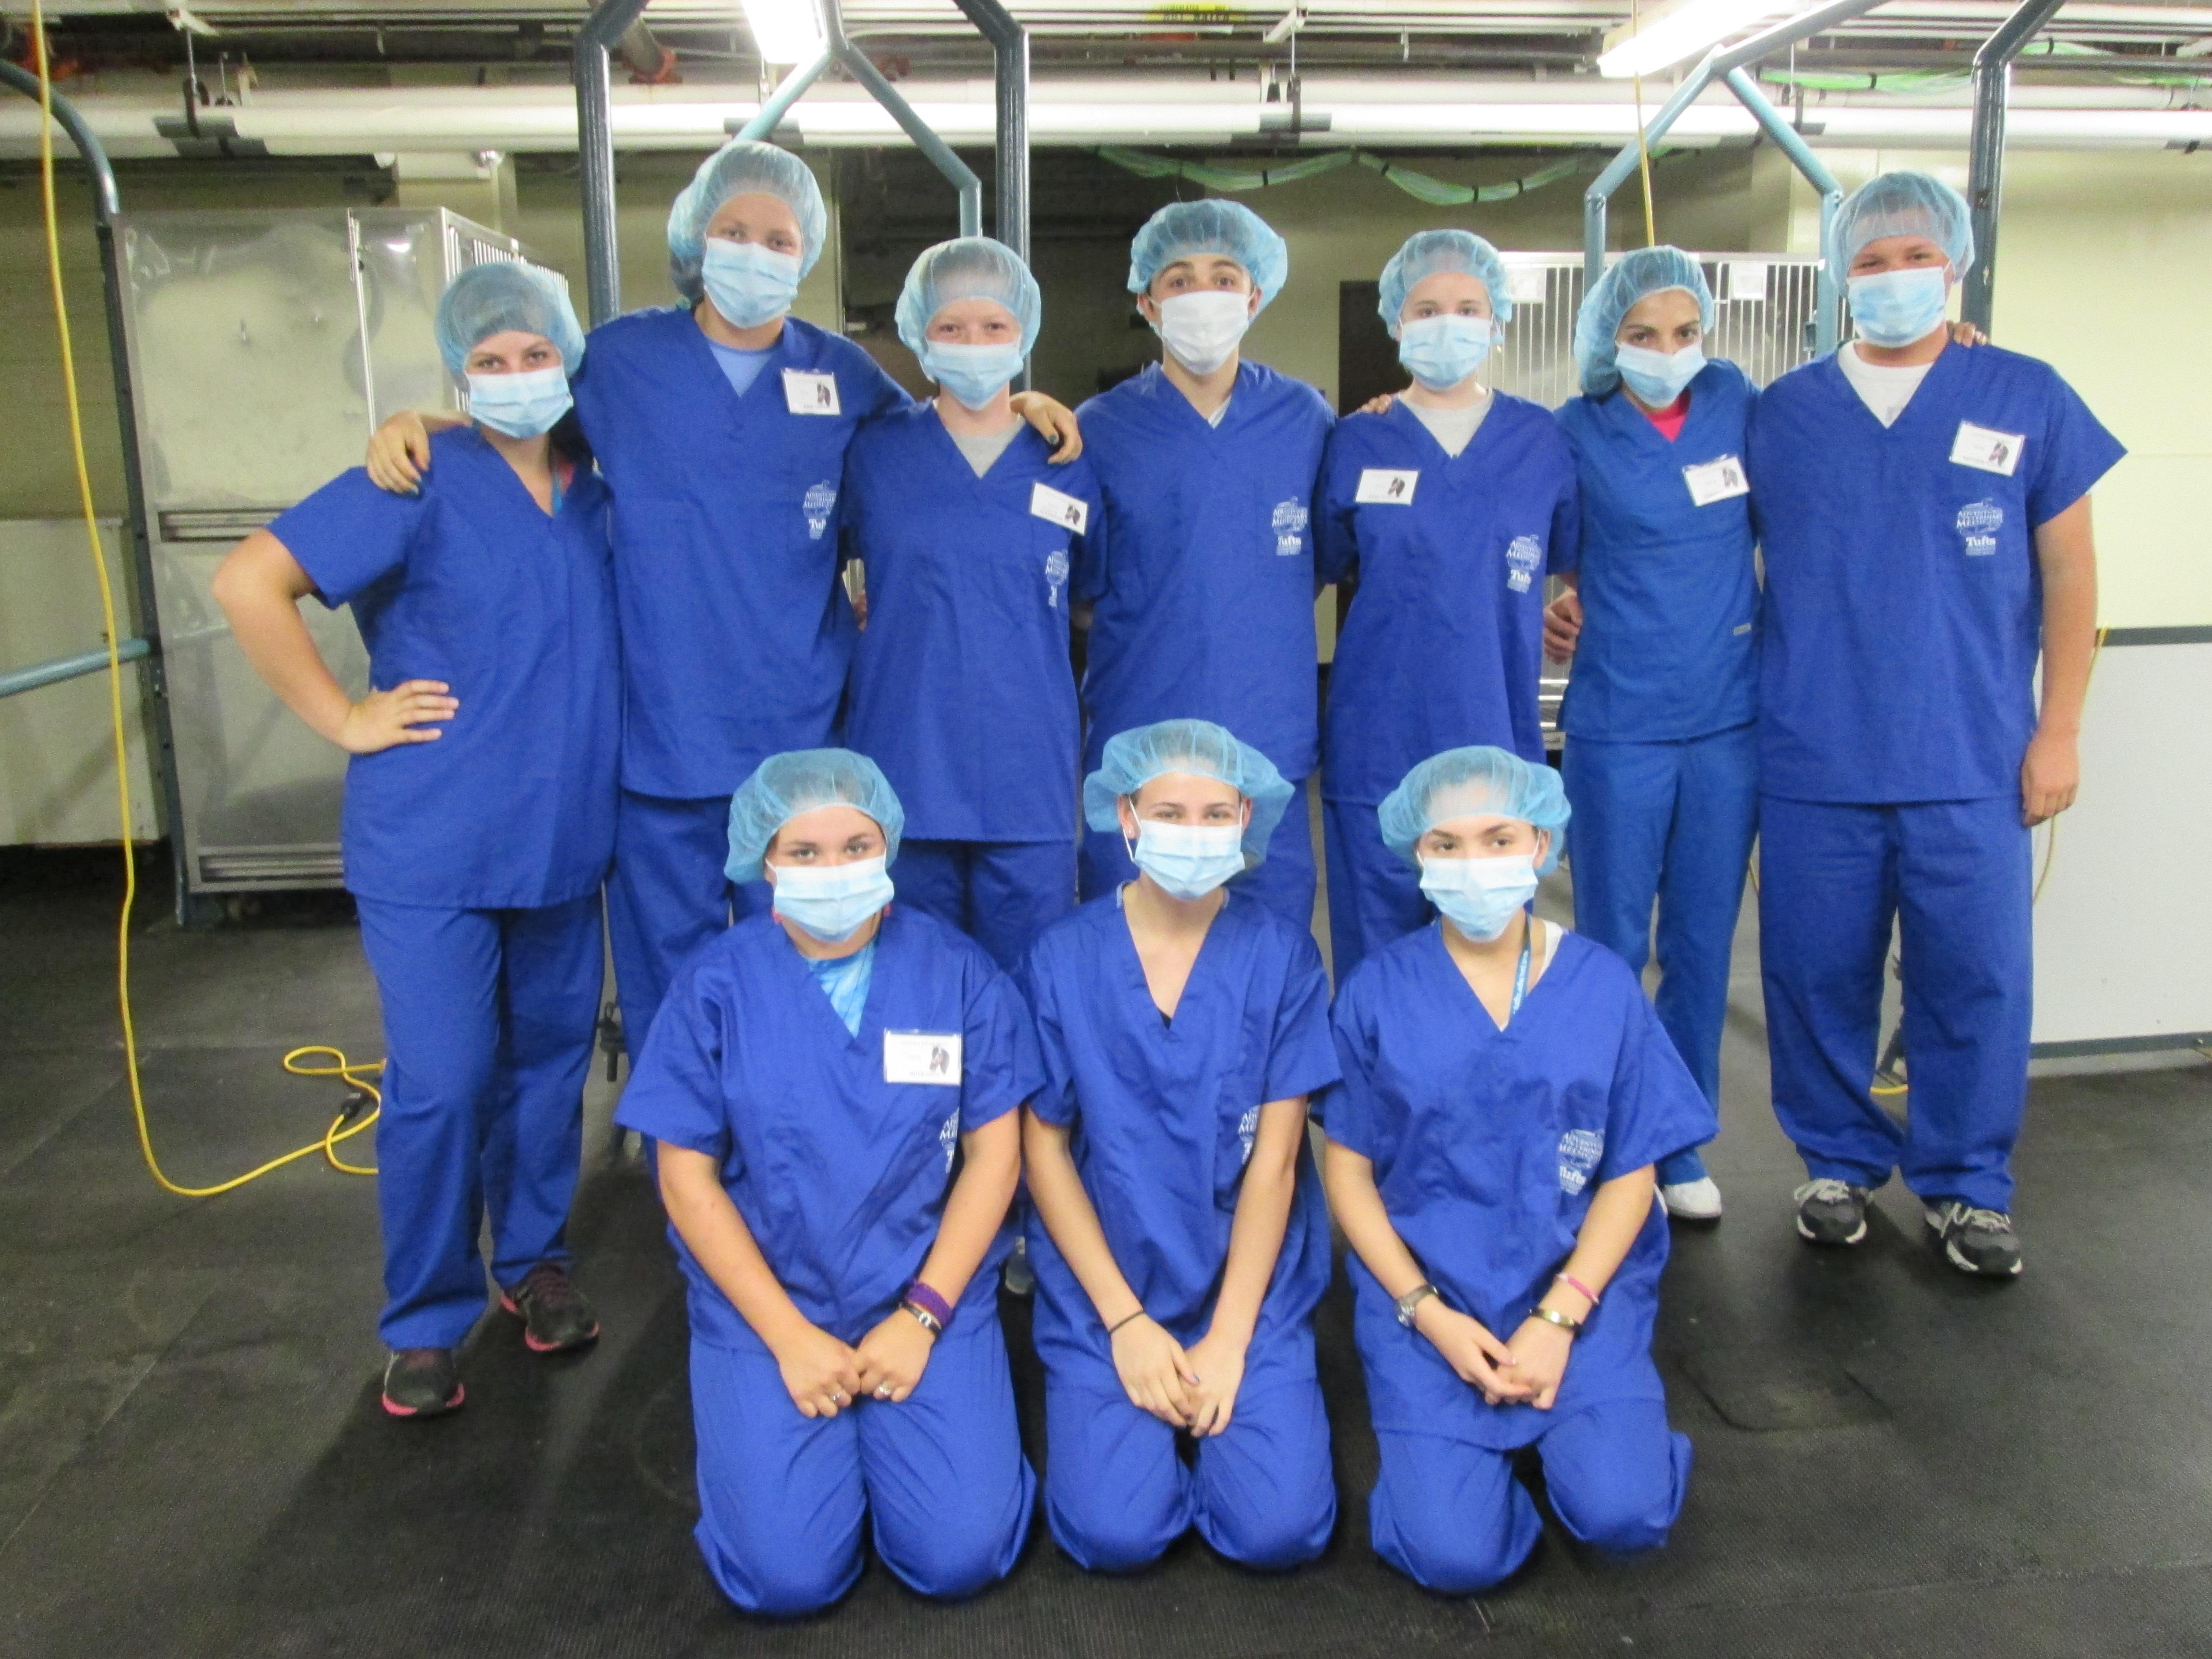 Summer Program - Veterinary Medicine | Tufts University: Adventures in Veterinary Medicine High School Program